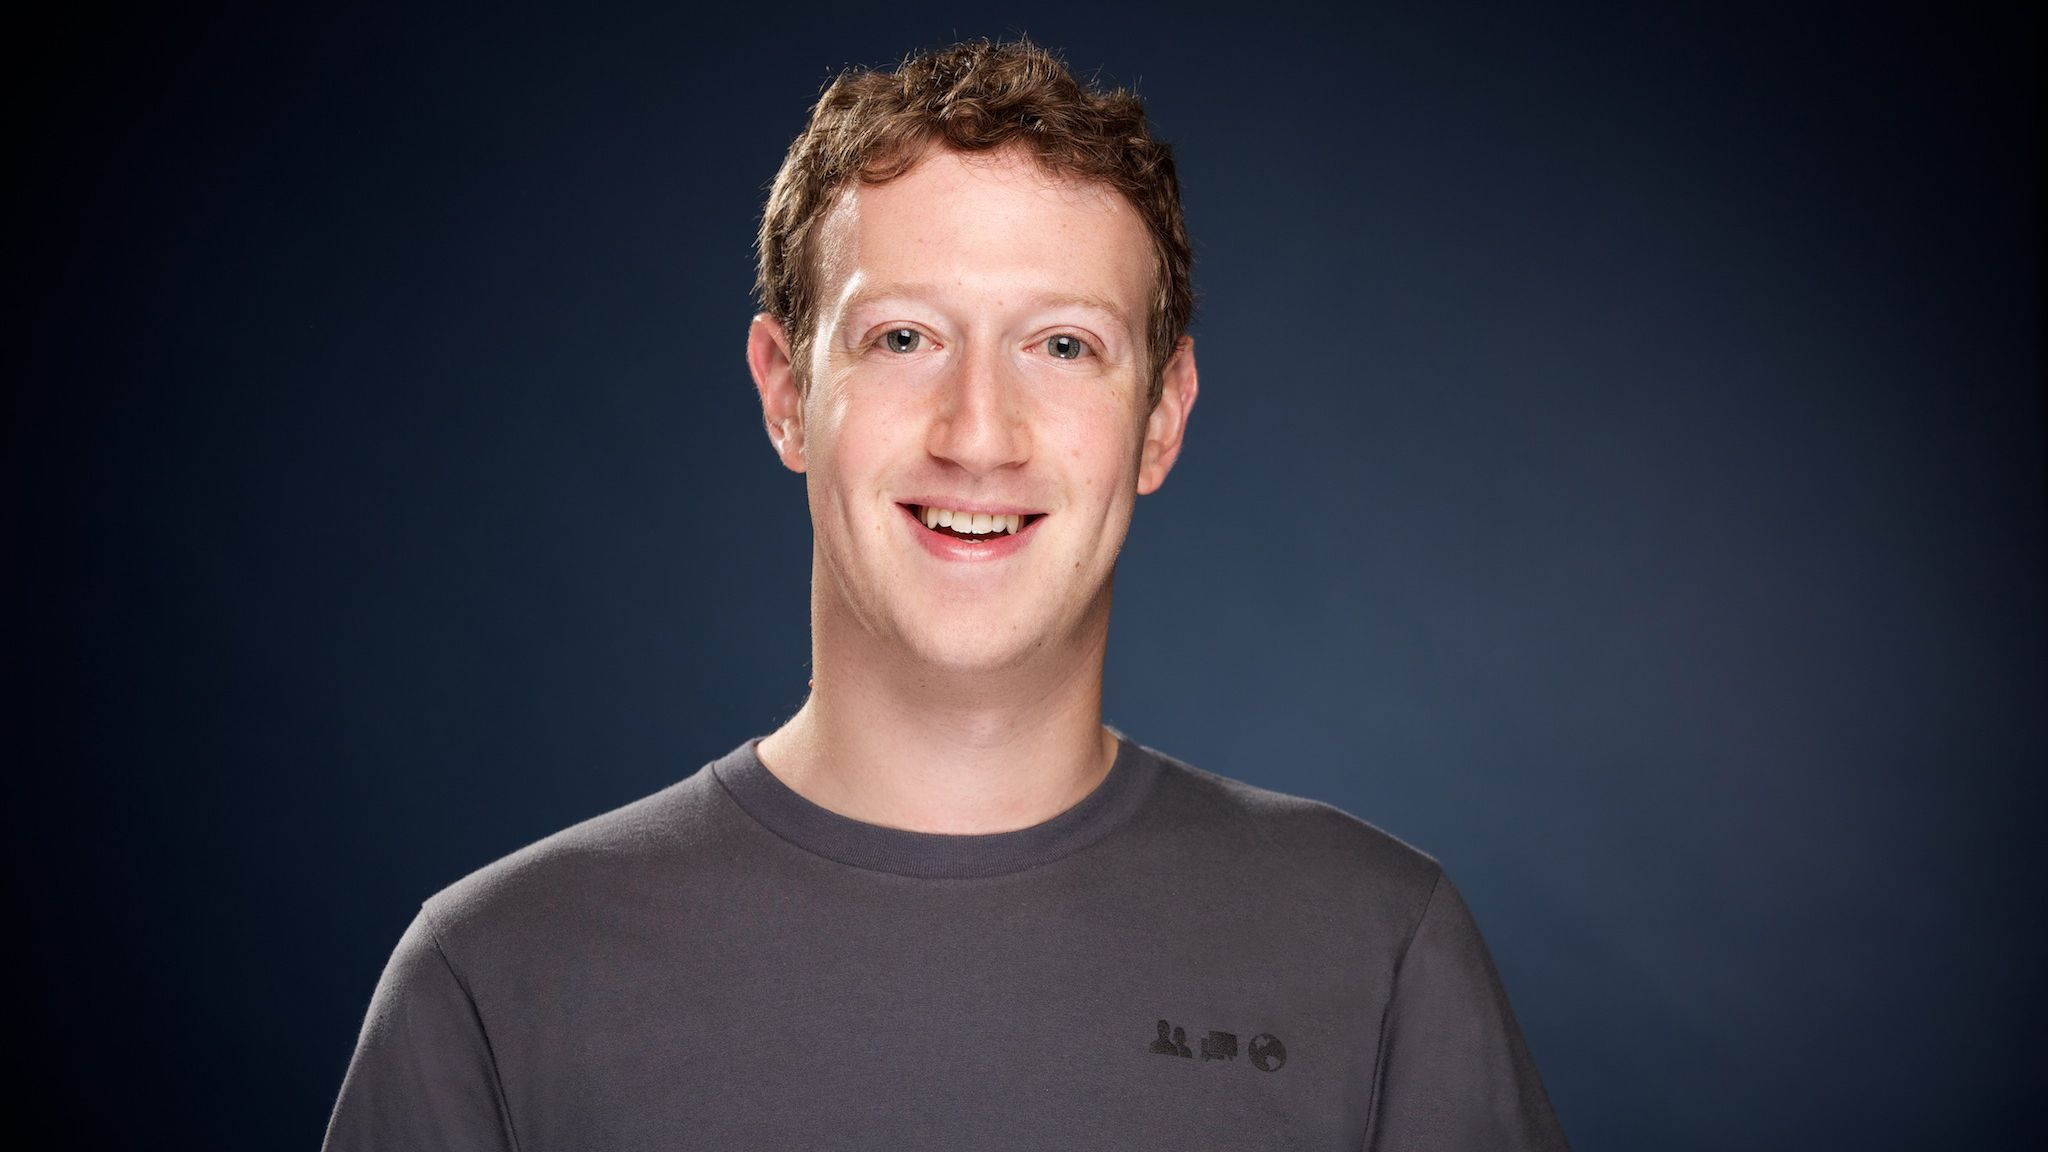 Facebook-Chef: Zuckerberg verteidigt laschen Umgang mit Fakten in Politiker-Videos